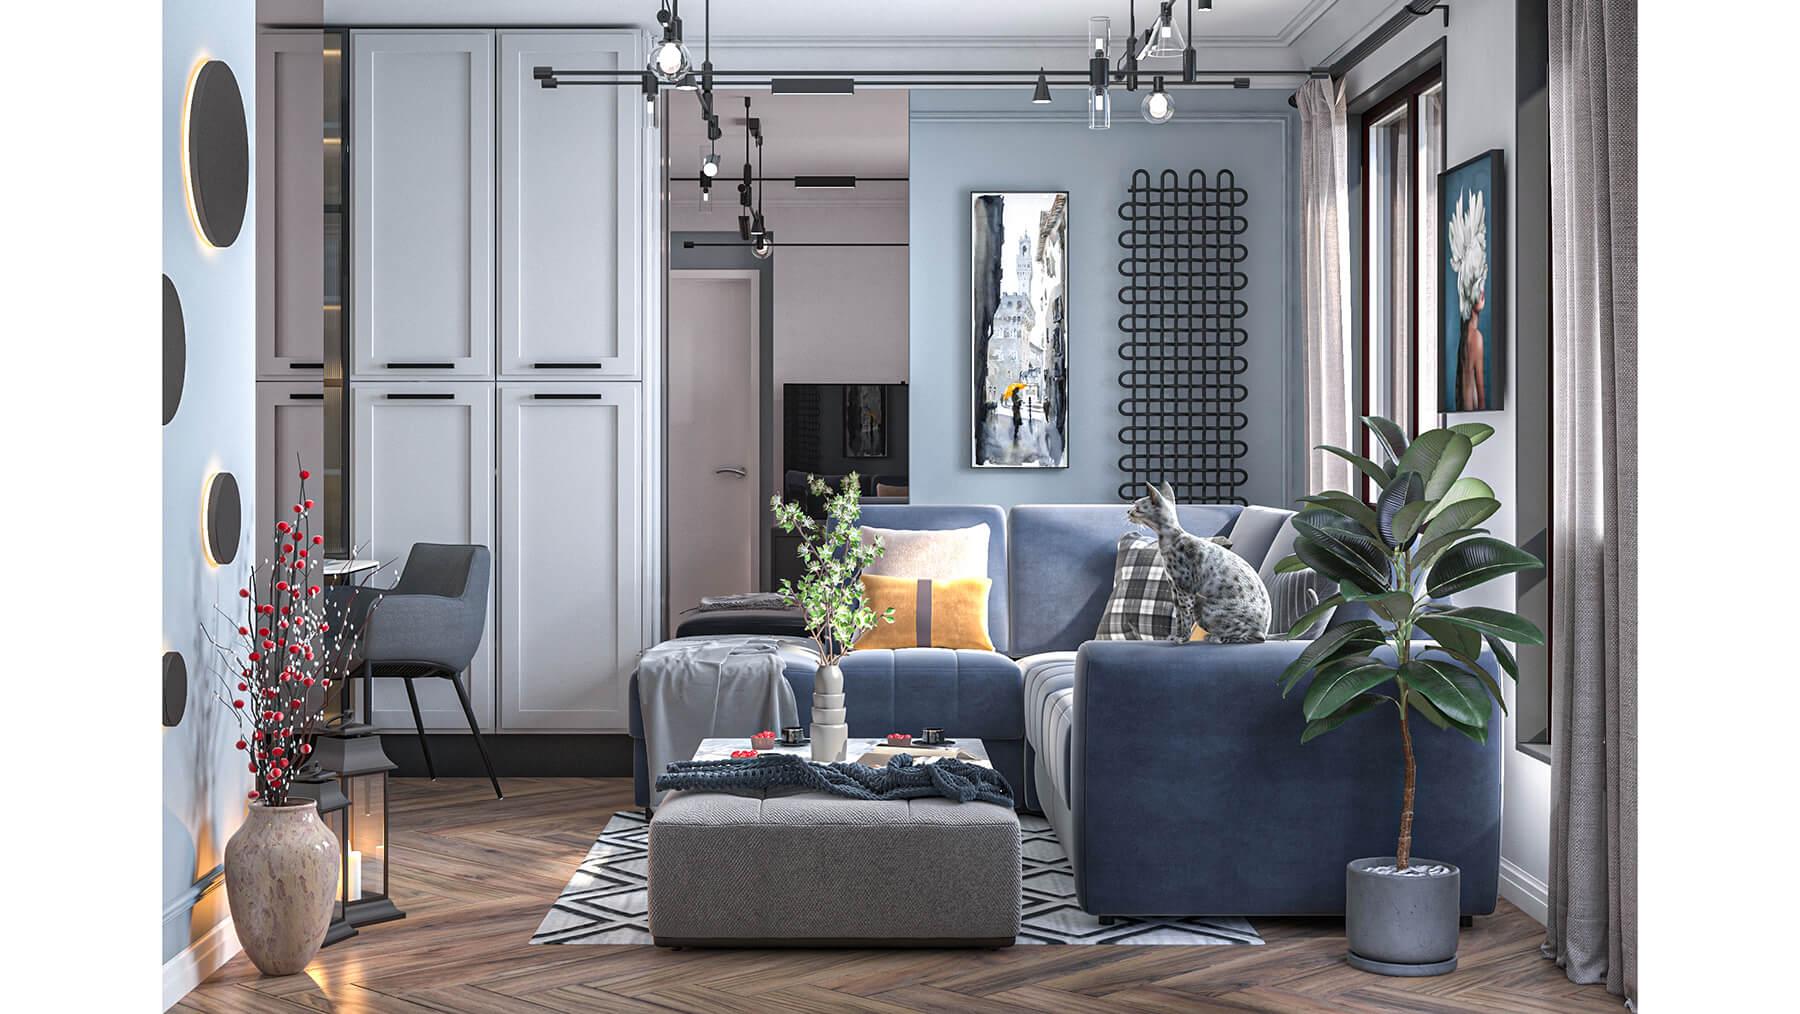 interioren-dizain-proekt-navsekidnevna-v-apartament-1-esteta